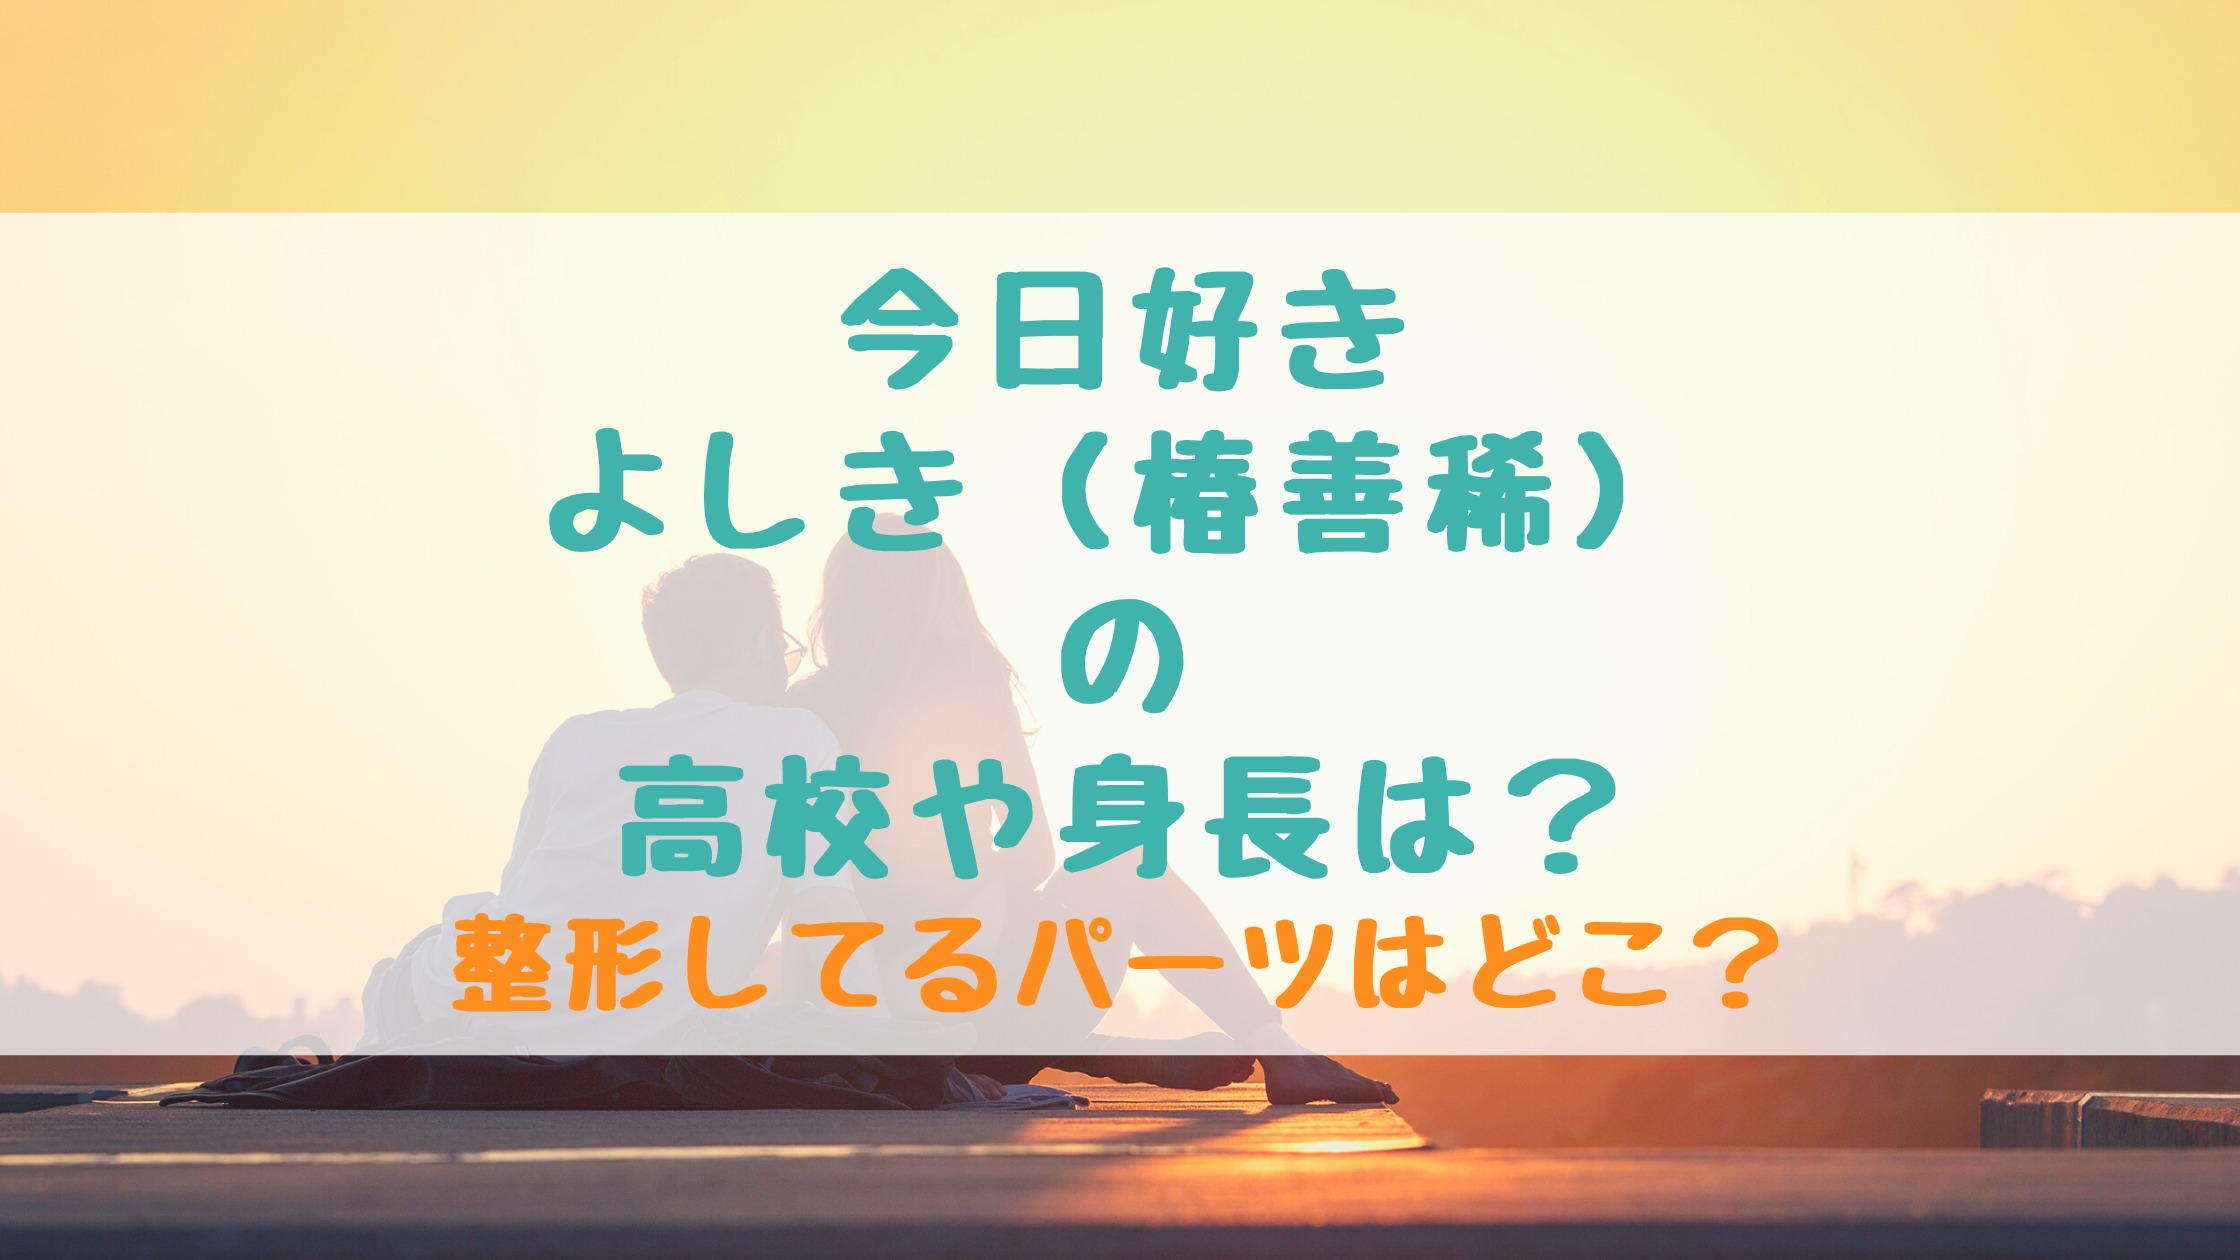 よしき 今日 好き 西綾乃はアンチがいて整形疑惑?今日好きの行動で炎上したのかも解説!